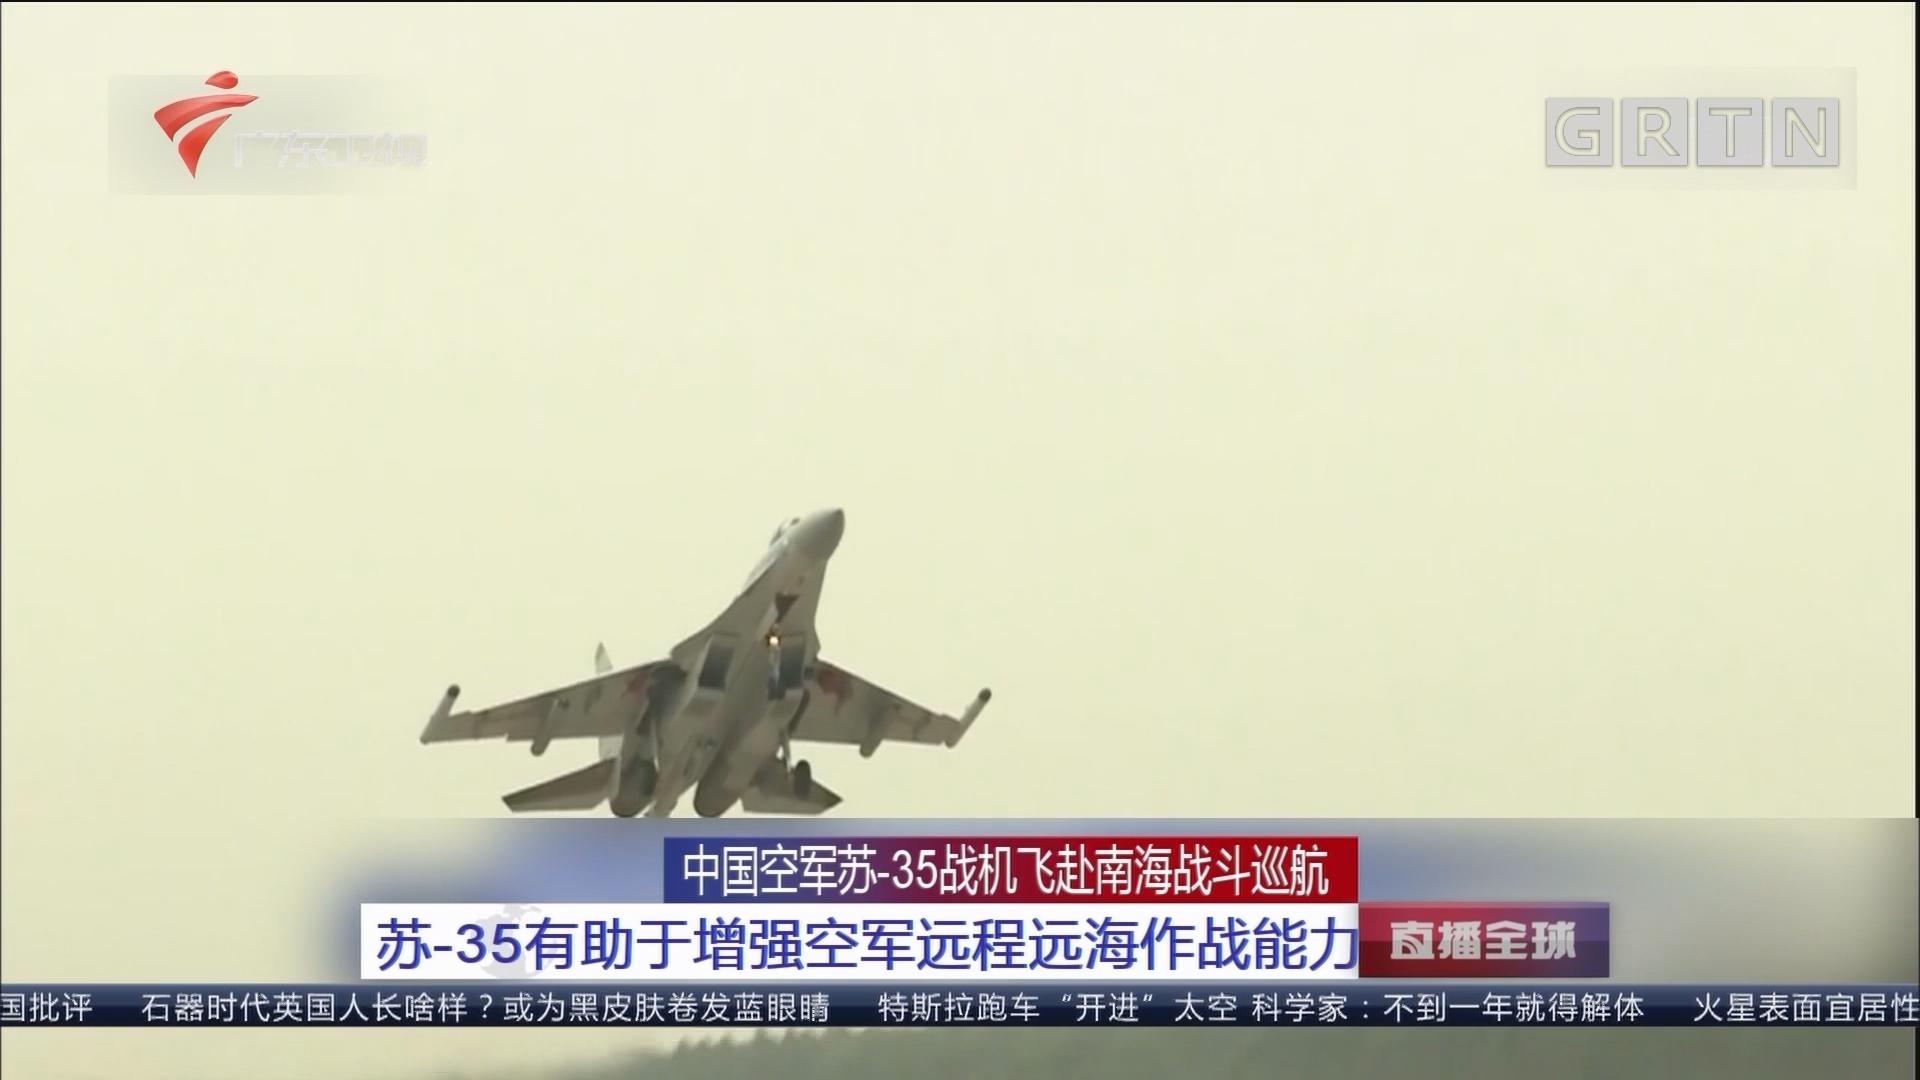 中国空军苏—35战机飞赴南海战斗巡航 苏—35有助于增强空军远程远海作战能力